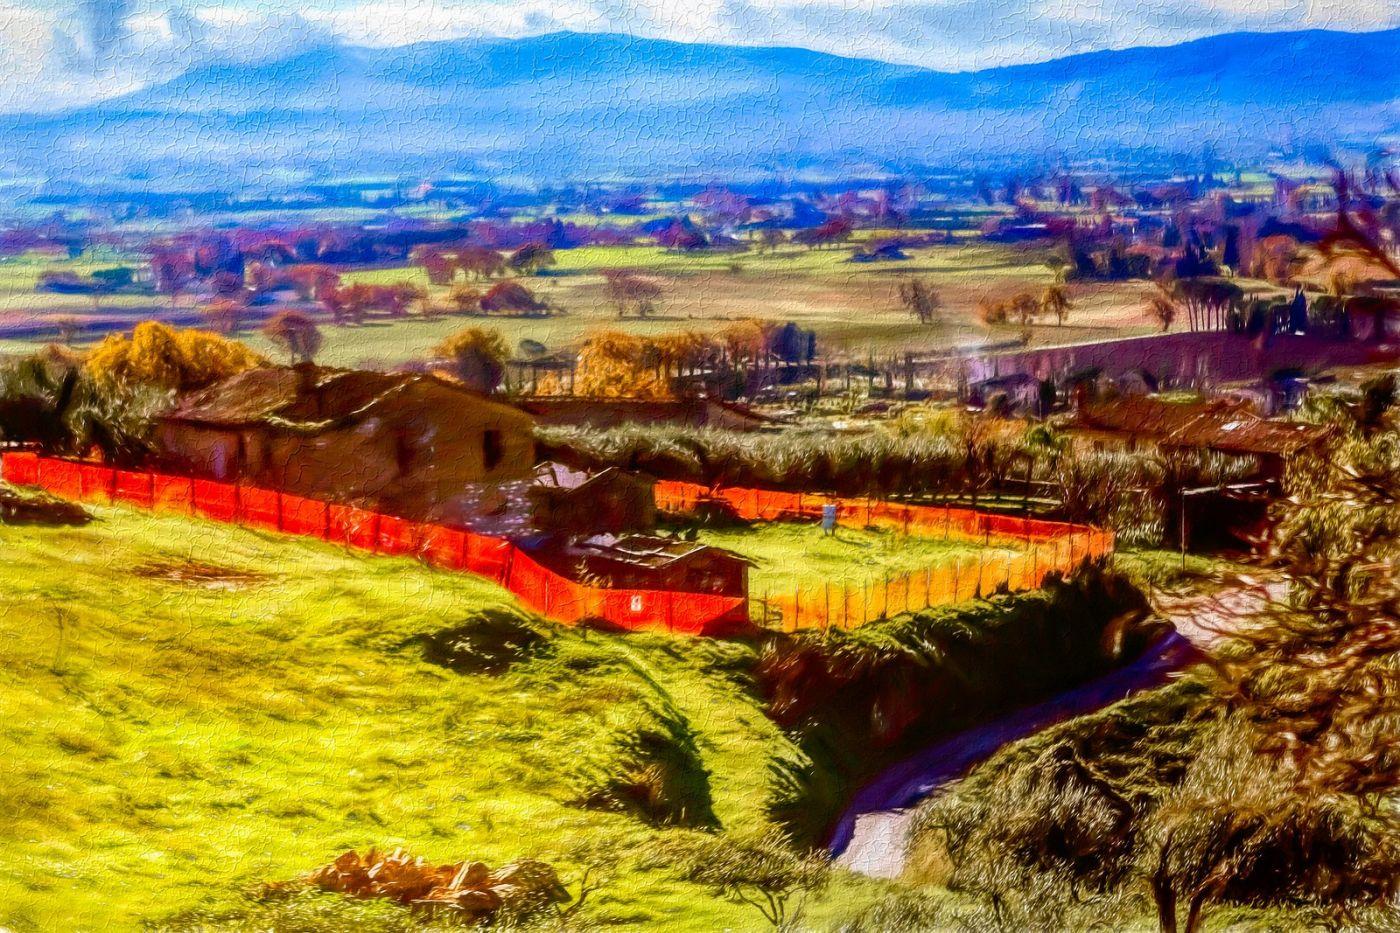 意大利路途,似景似画_图1-16